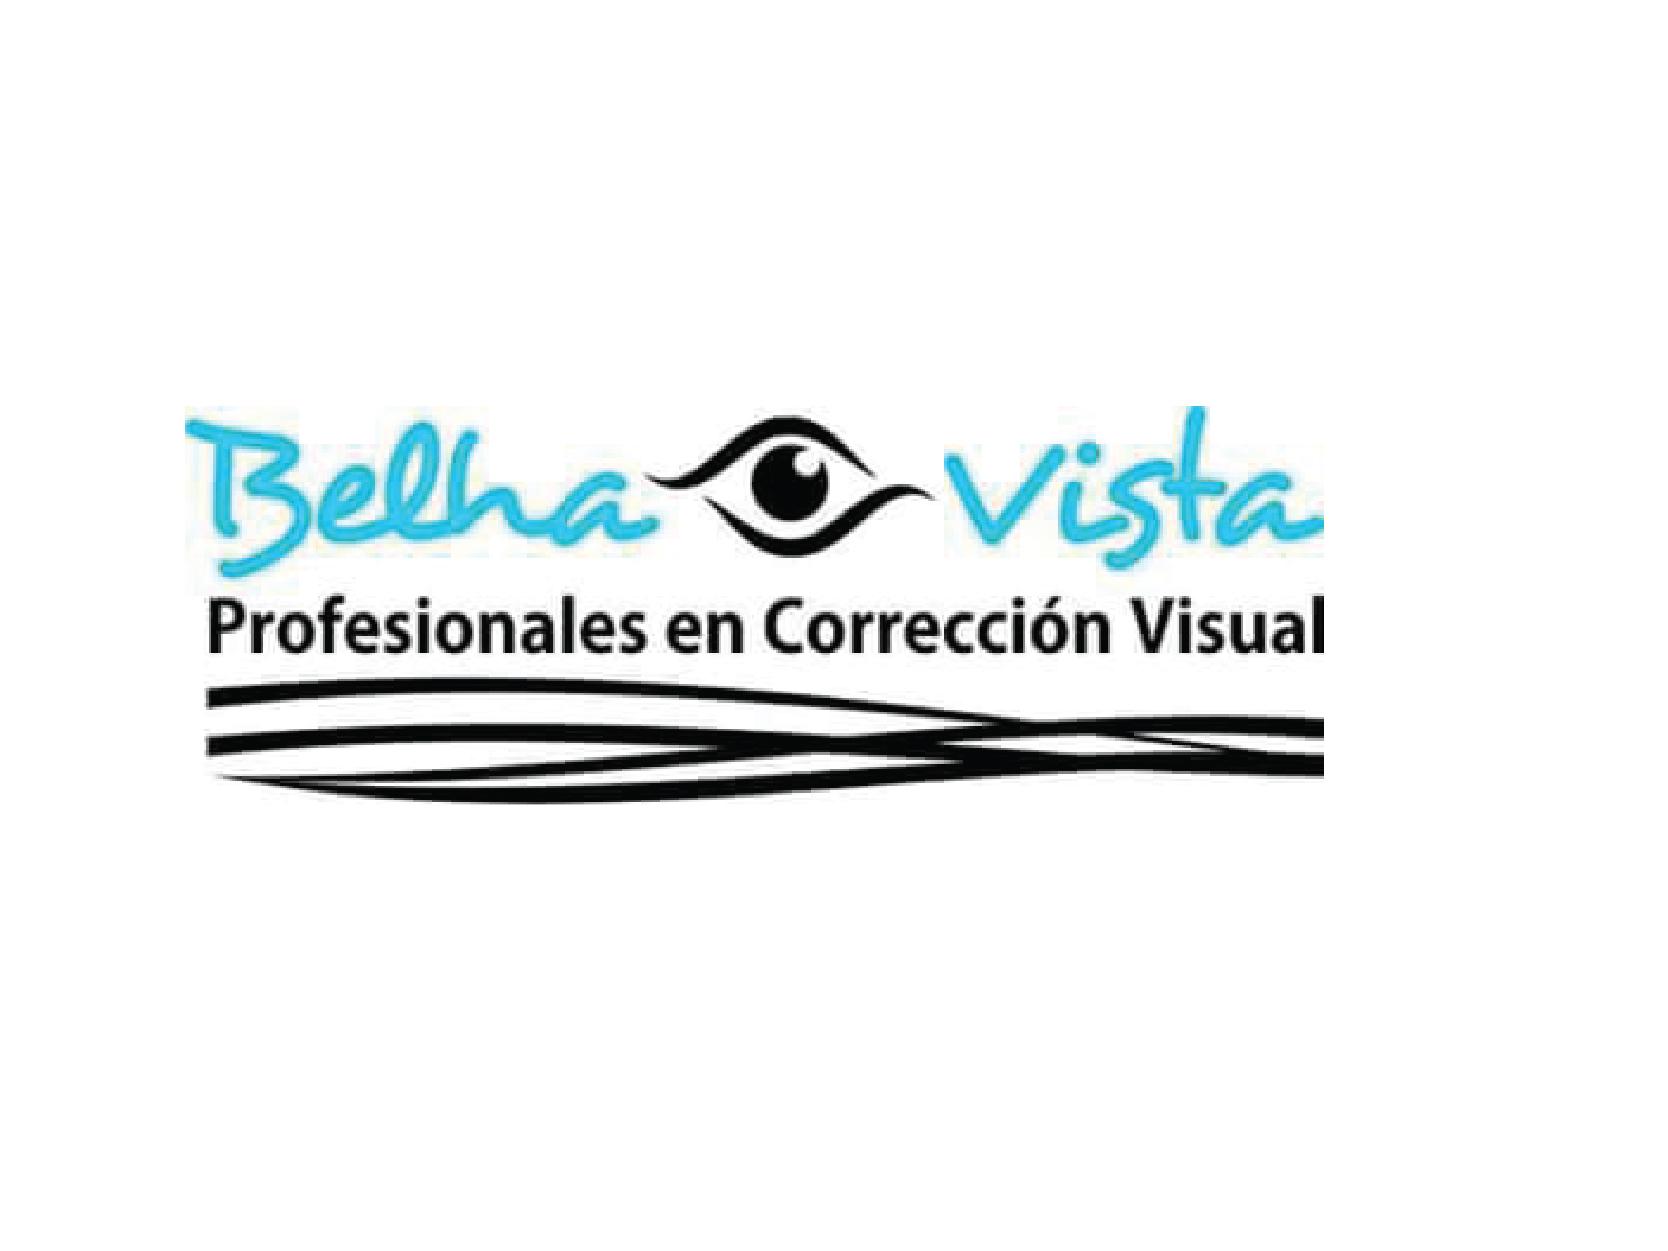 BELHA VISTA